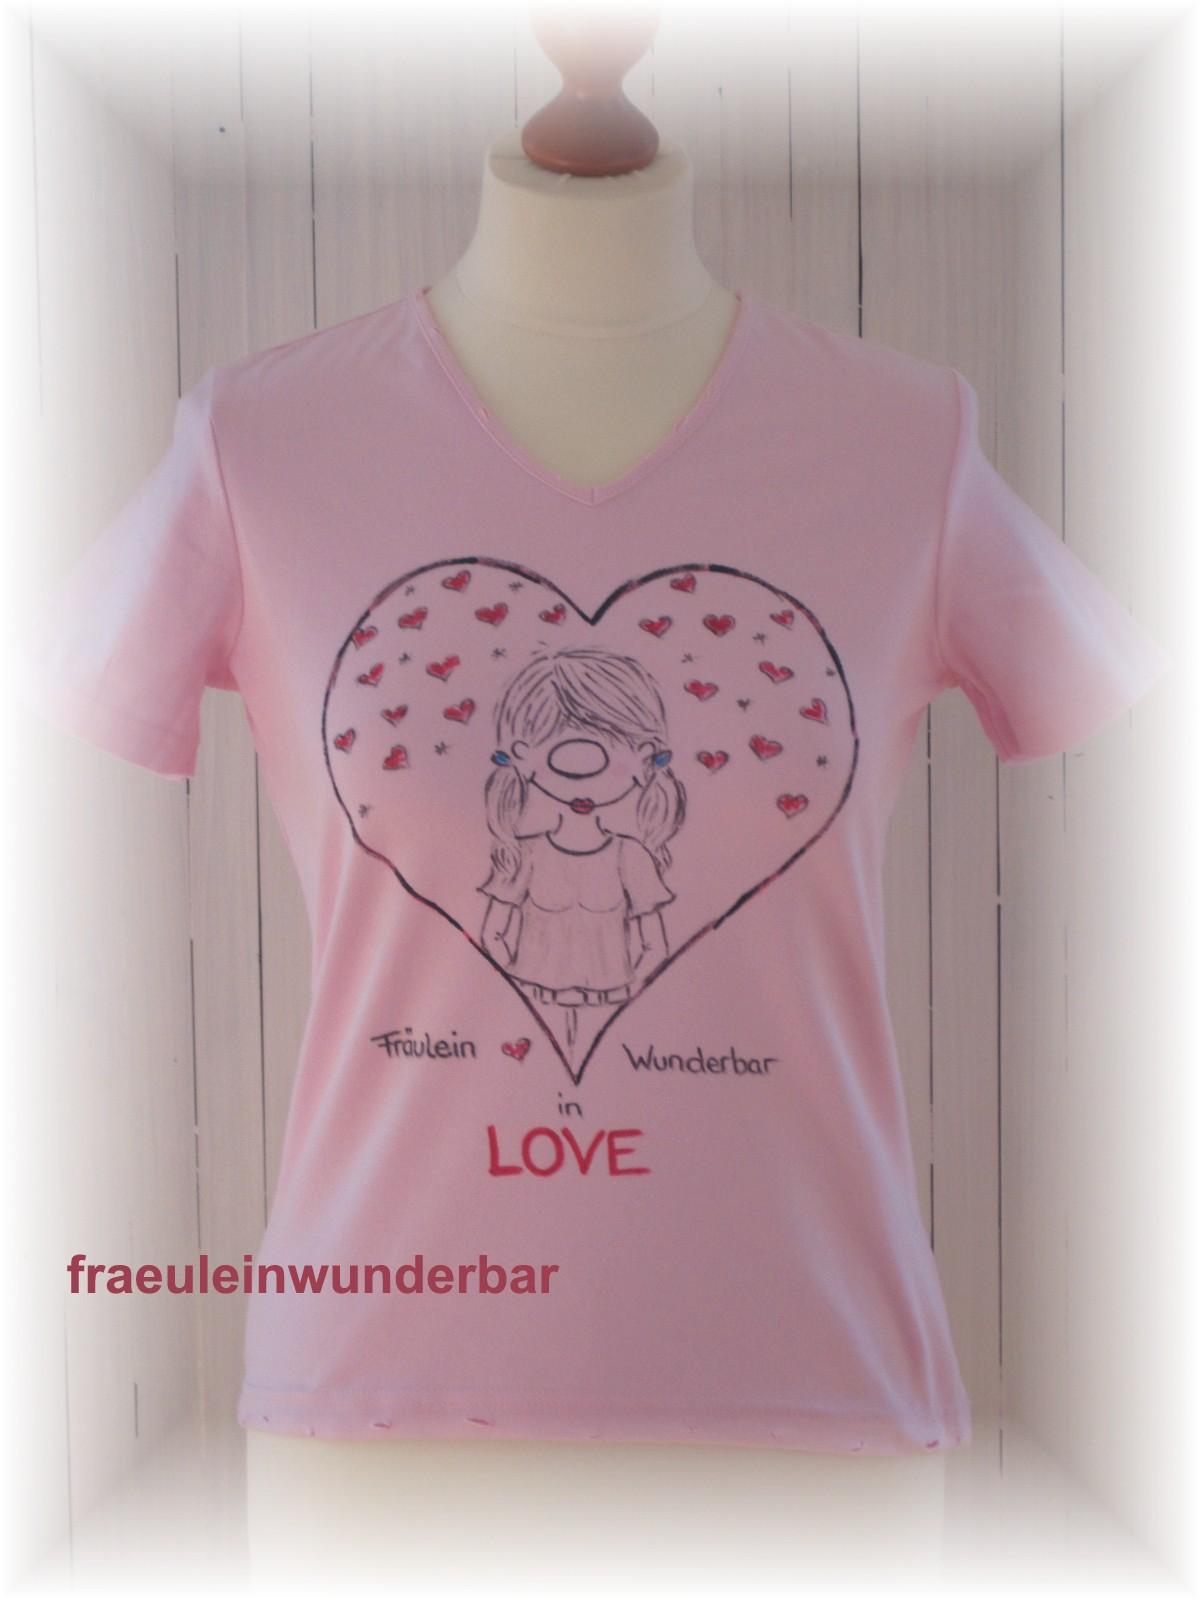 für verliebte wunderbare Fräuleins ♥